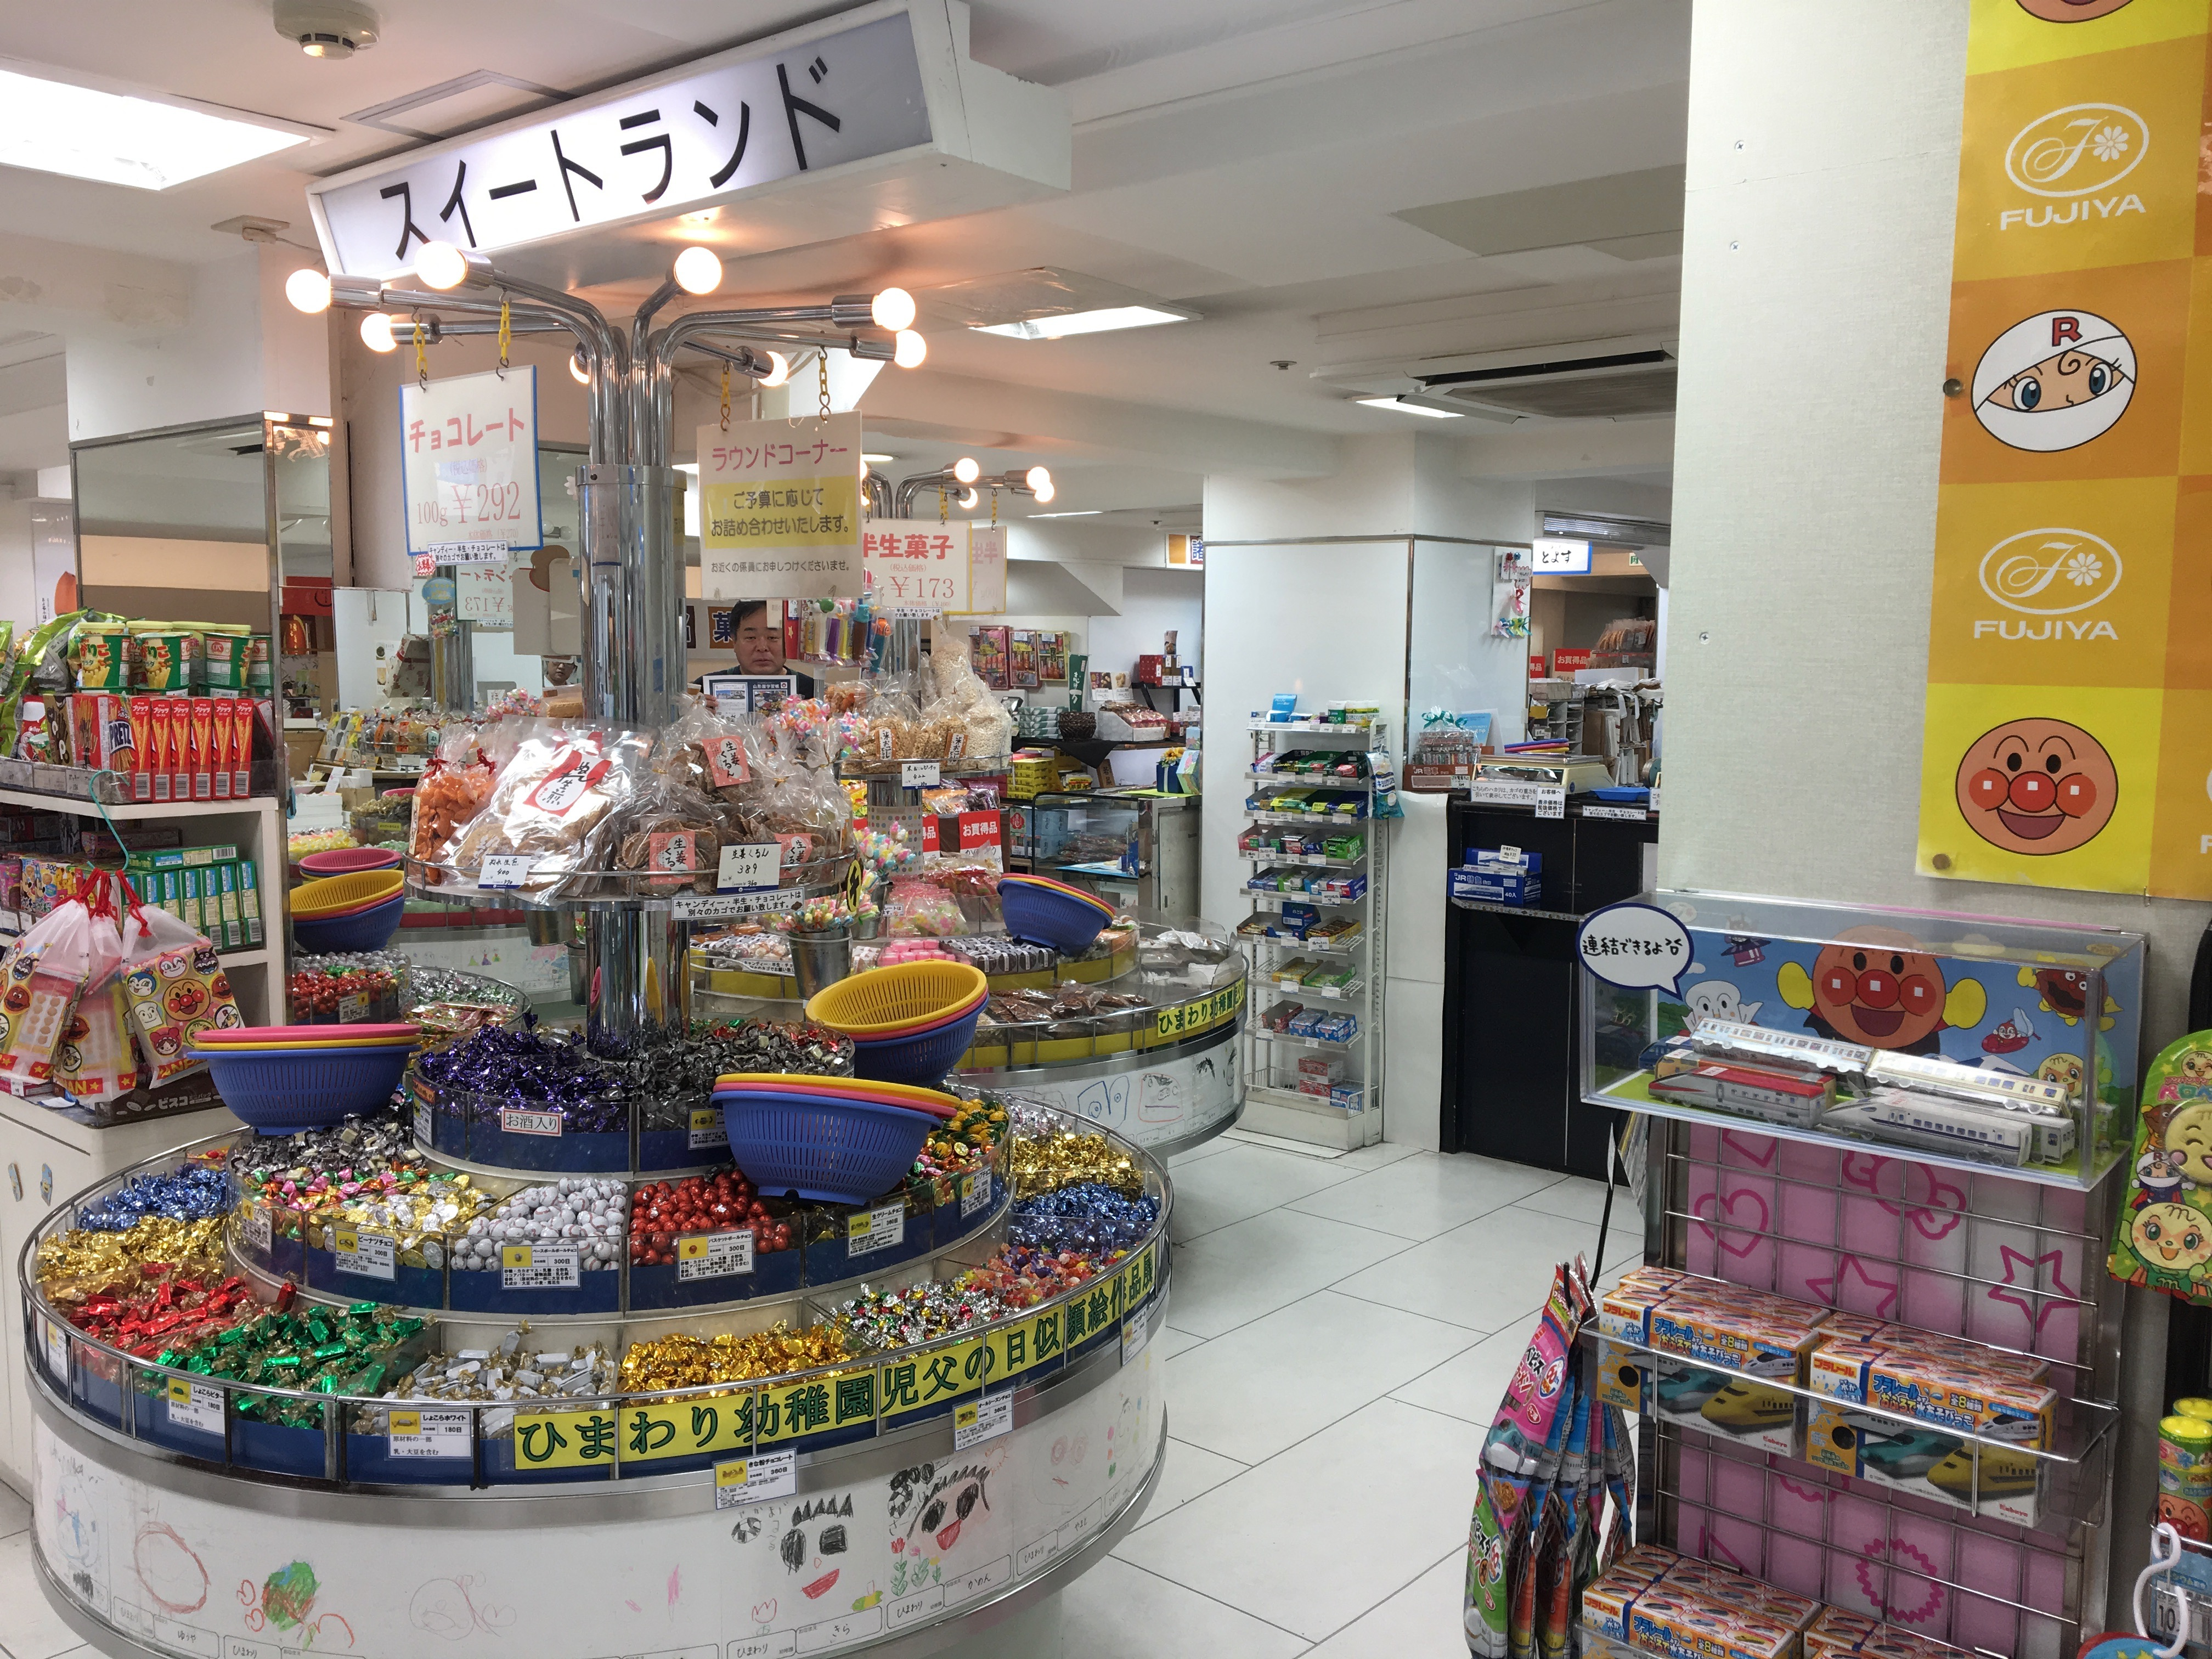 鹿児島県民なら山形屋お菓子売り場「ラウンドコーナー」にテンションを上げたことがあるはず